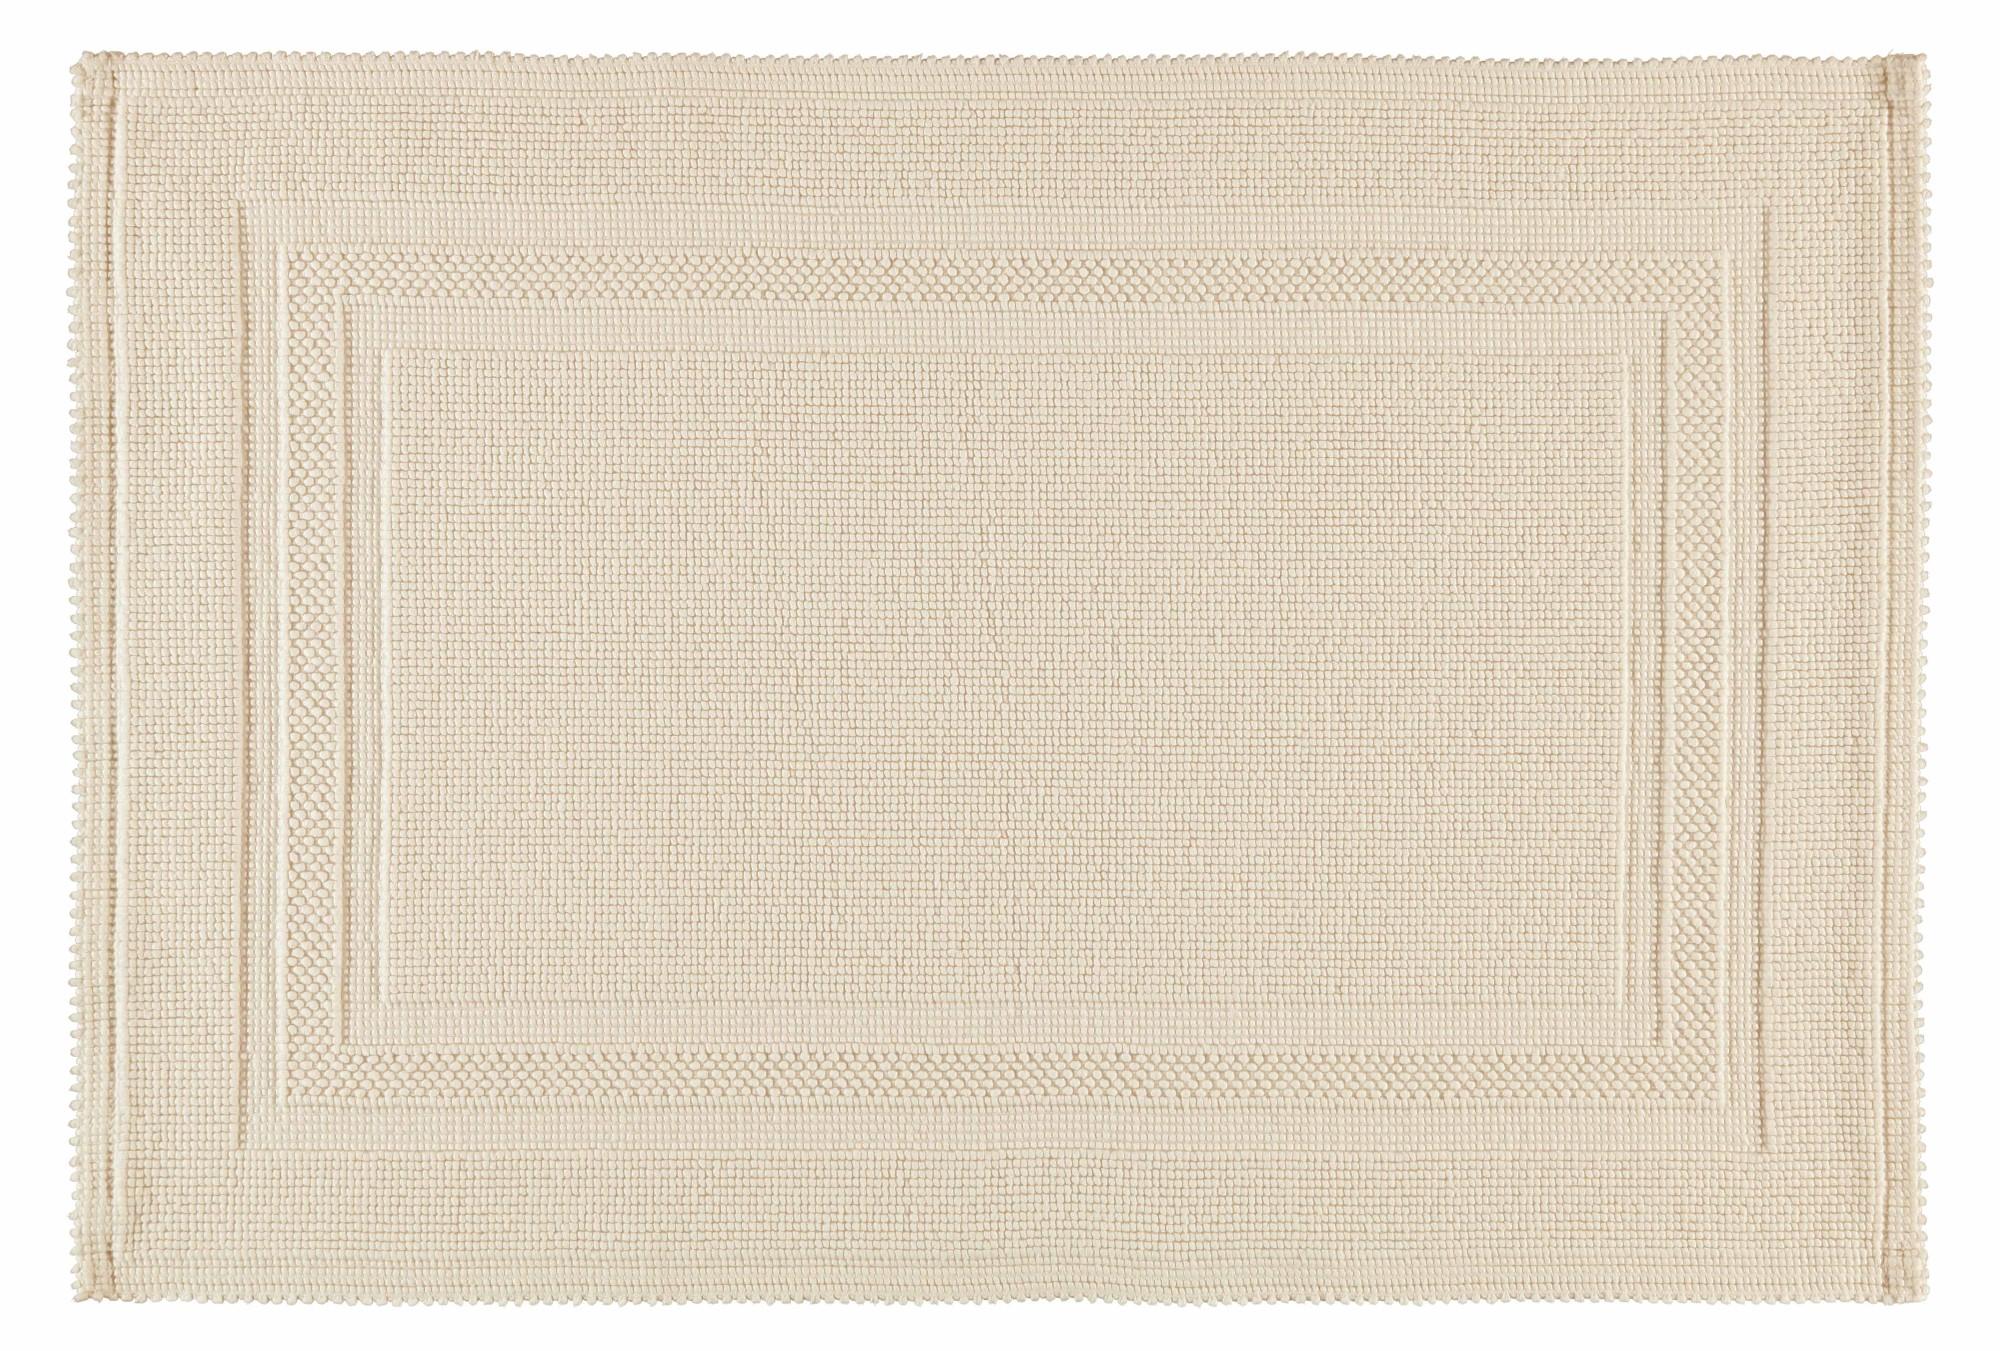 rhomtuft rhomtuft badteppich grace, 100% cotton - teppich hemsing, Hause ideen